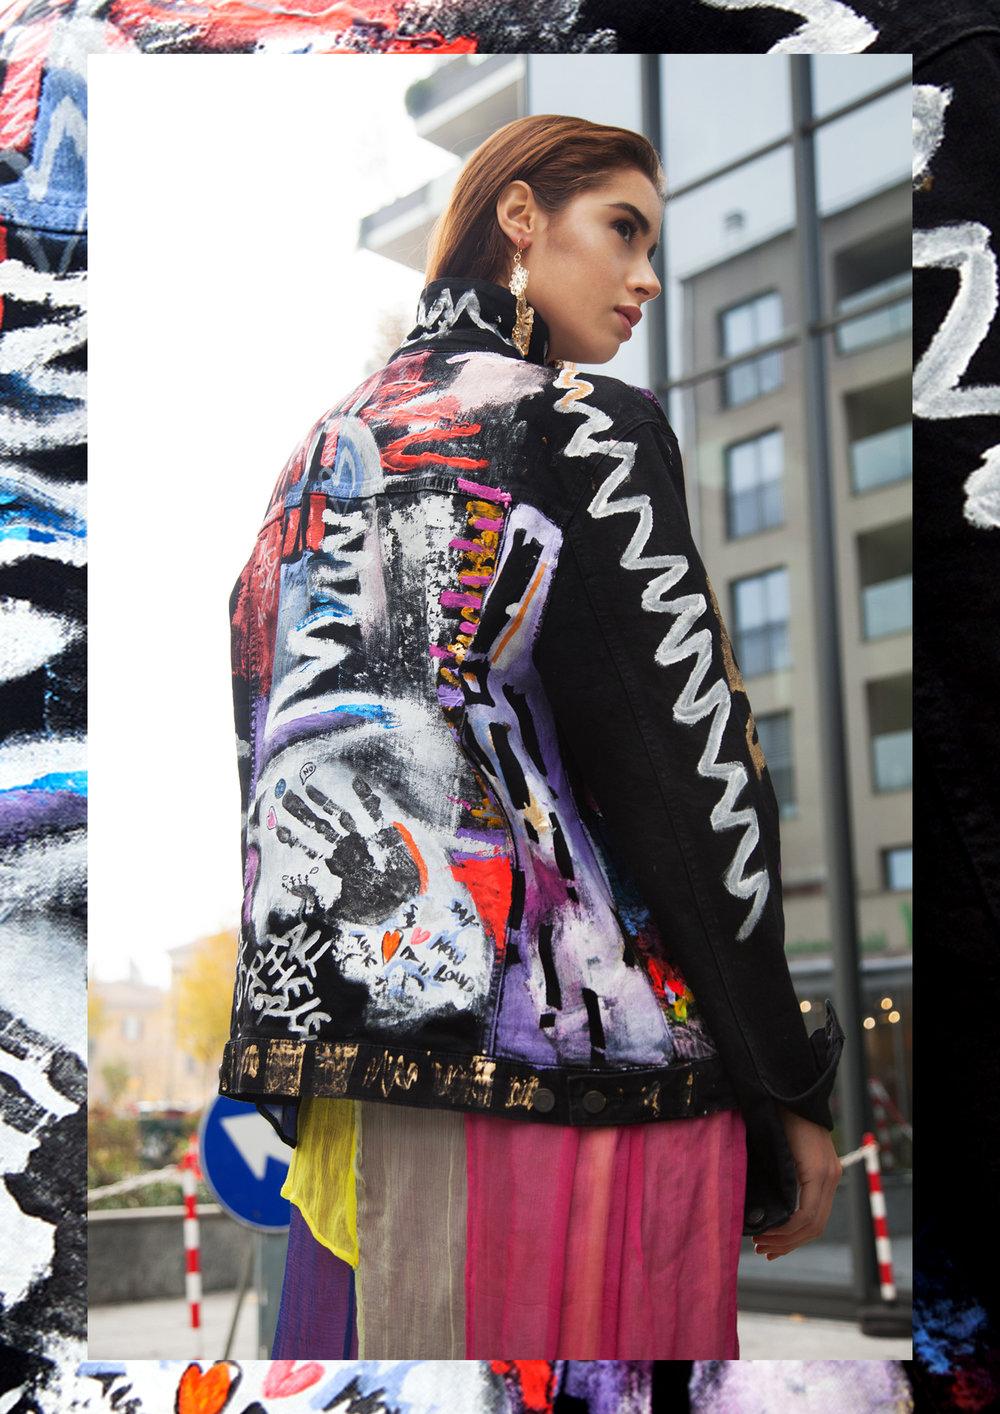 FS 3 A GLOBELLE Jacket by Nelly Rose worn in Milan .jpg